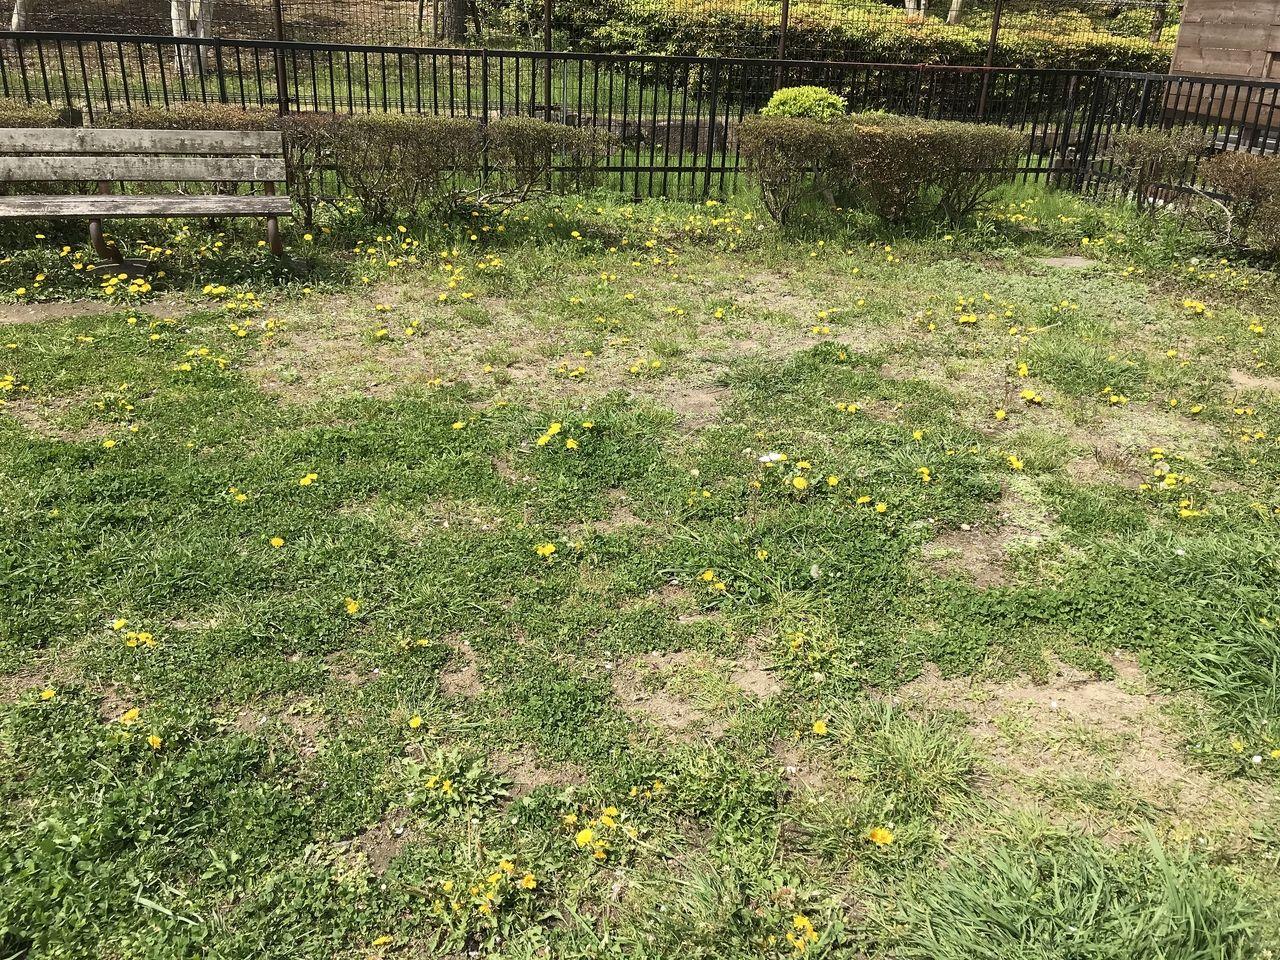 行徳のかもめ公園の広場のたんぽぽ